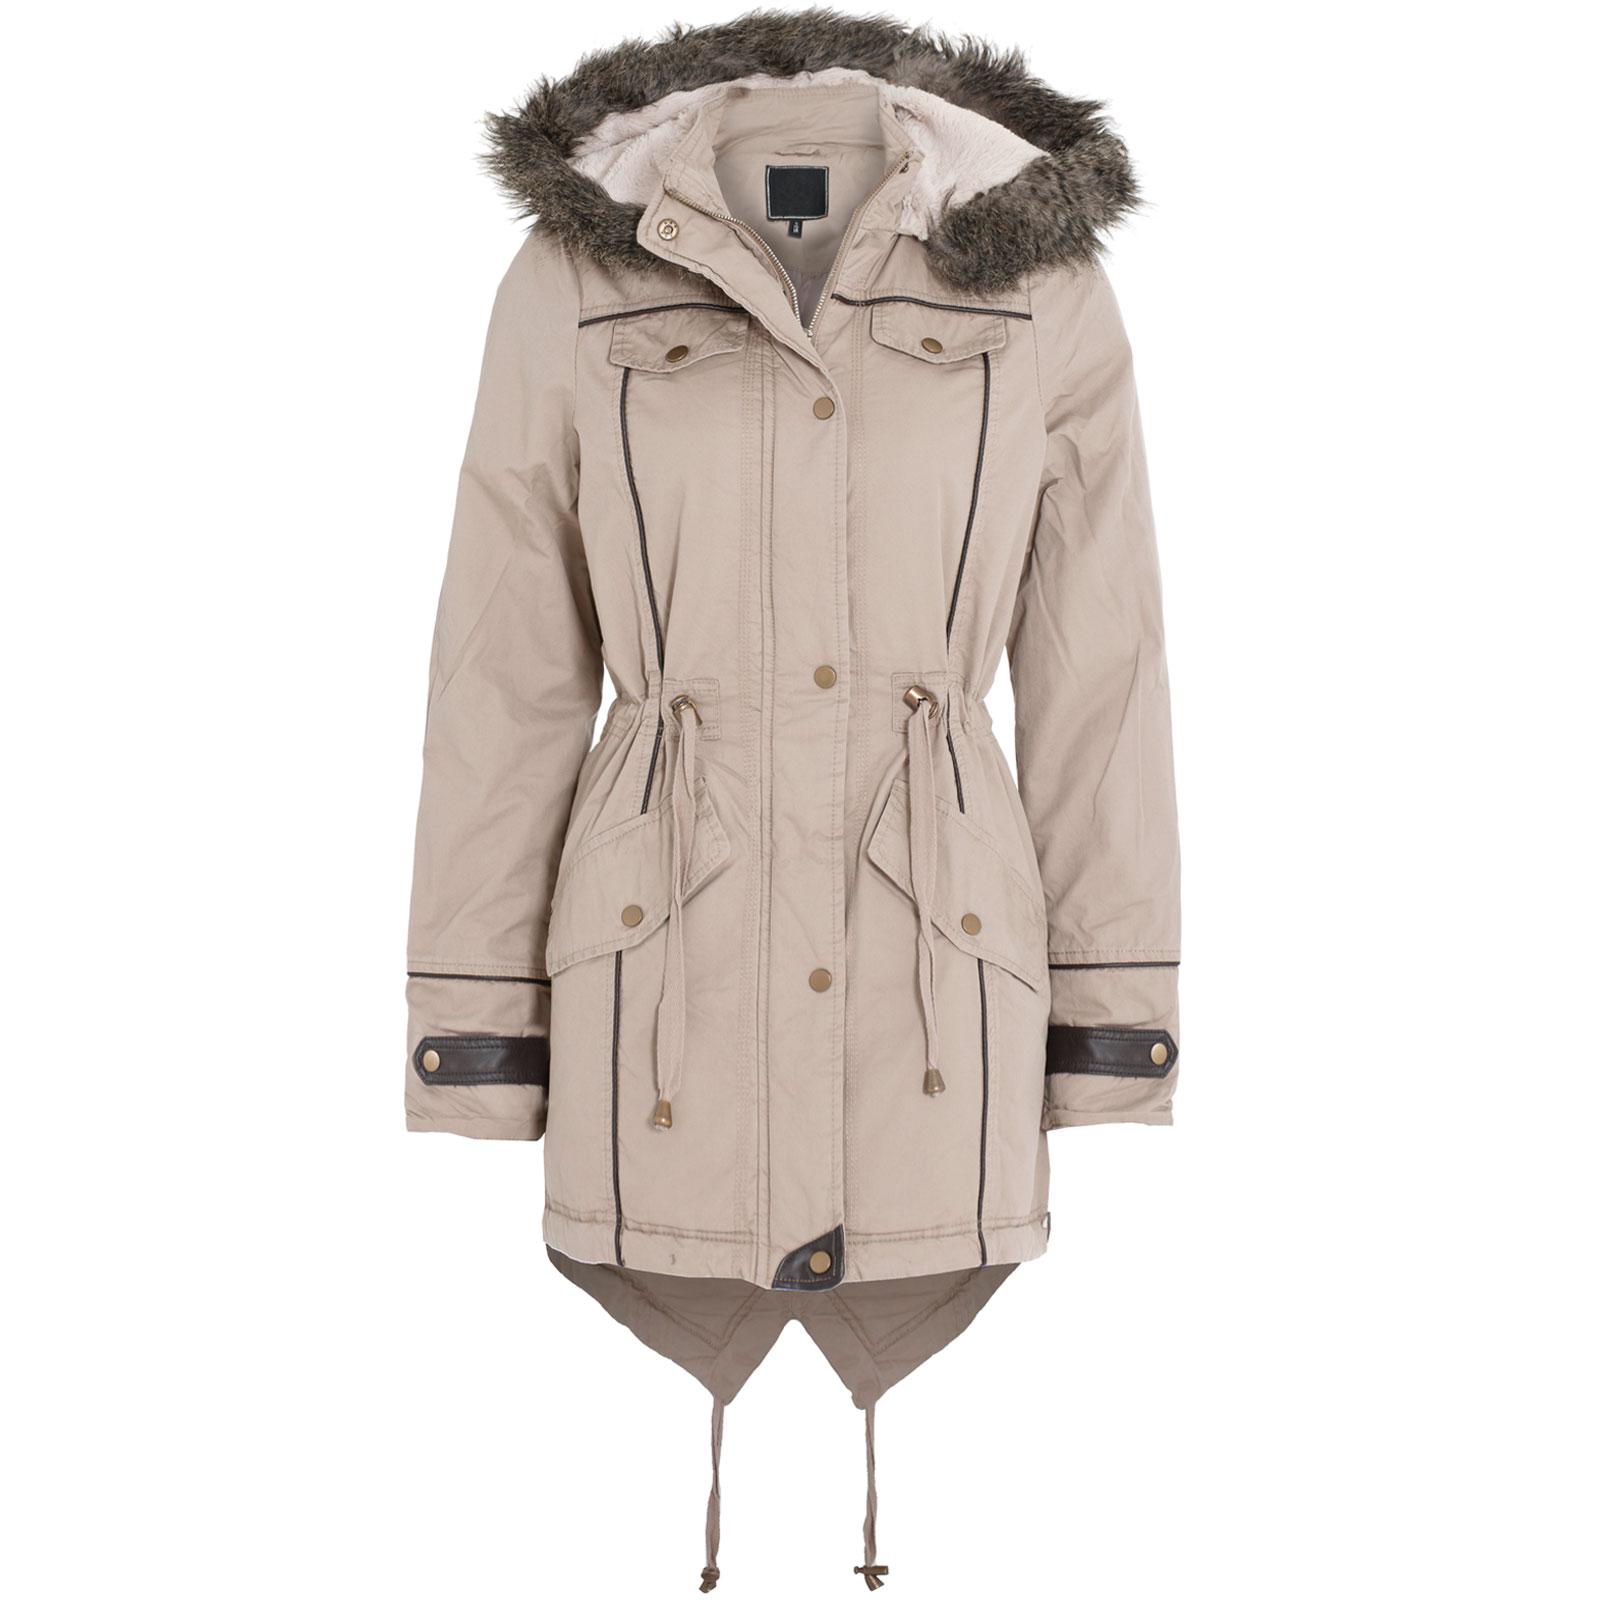 New Womens Ladies Military Faux Fur Hood PU Trim Fishtail Parka